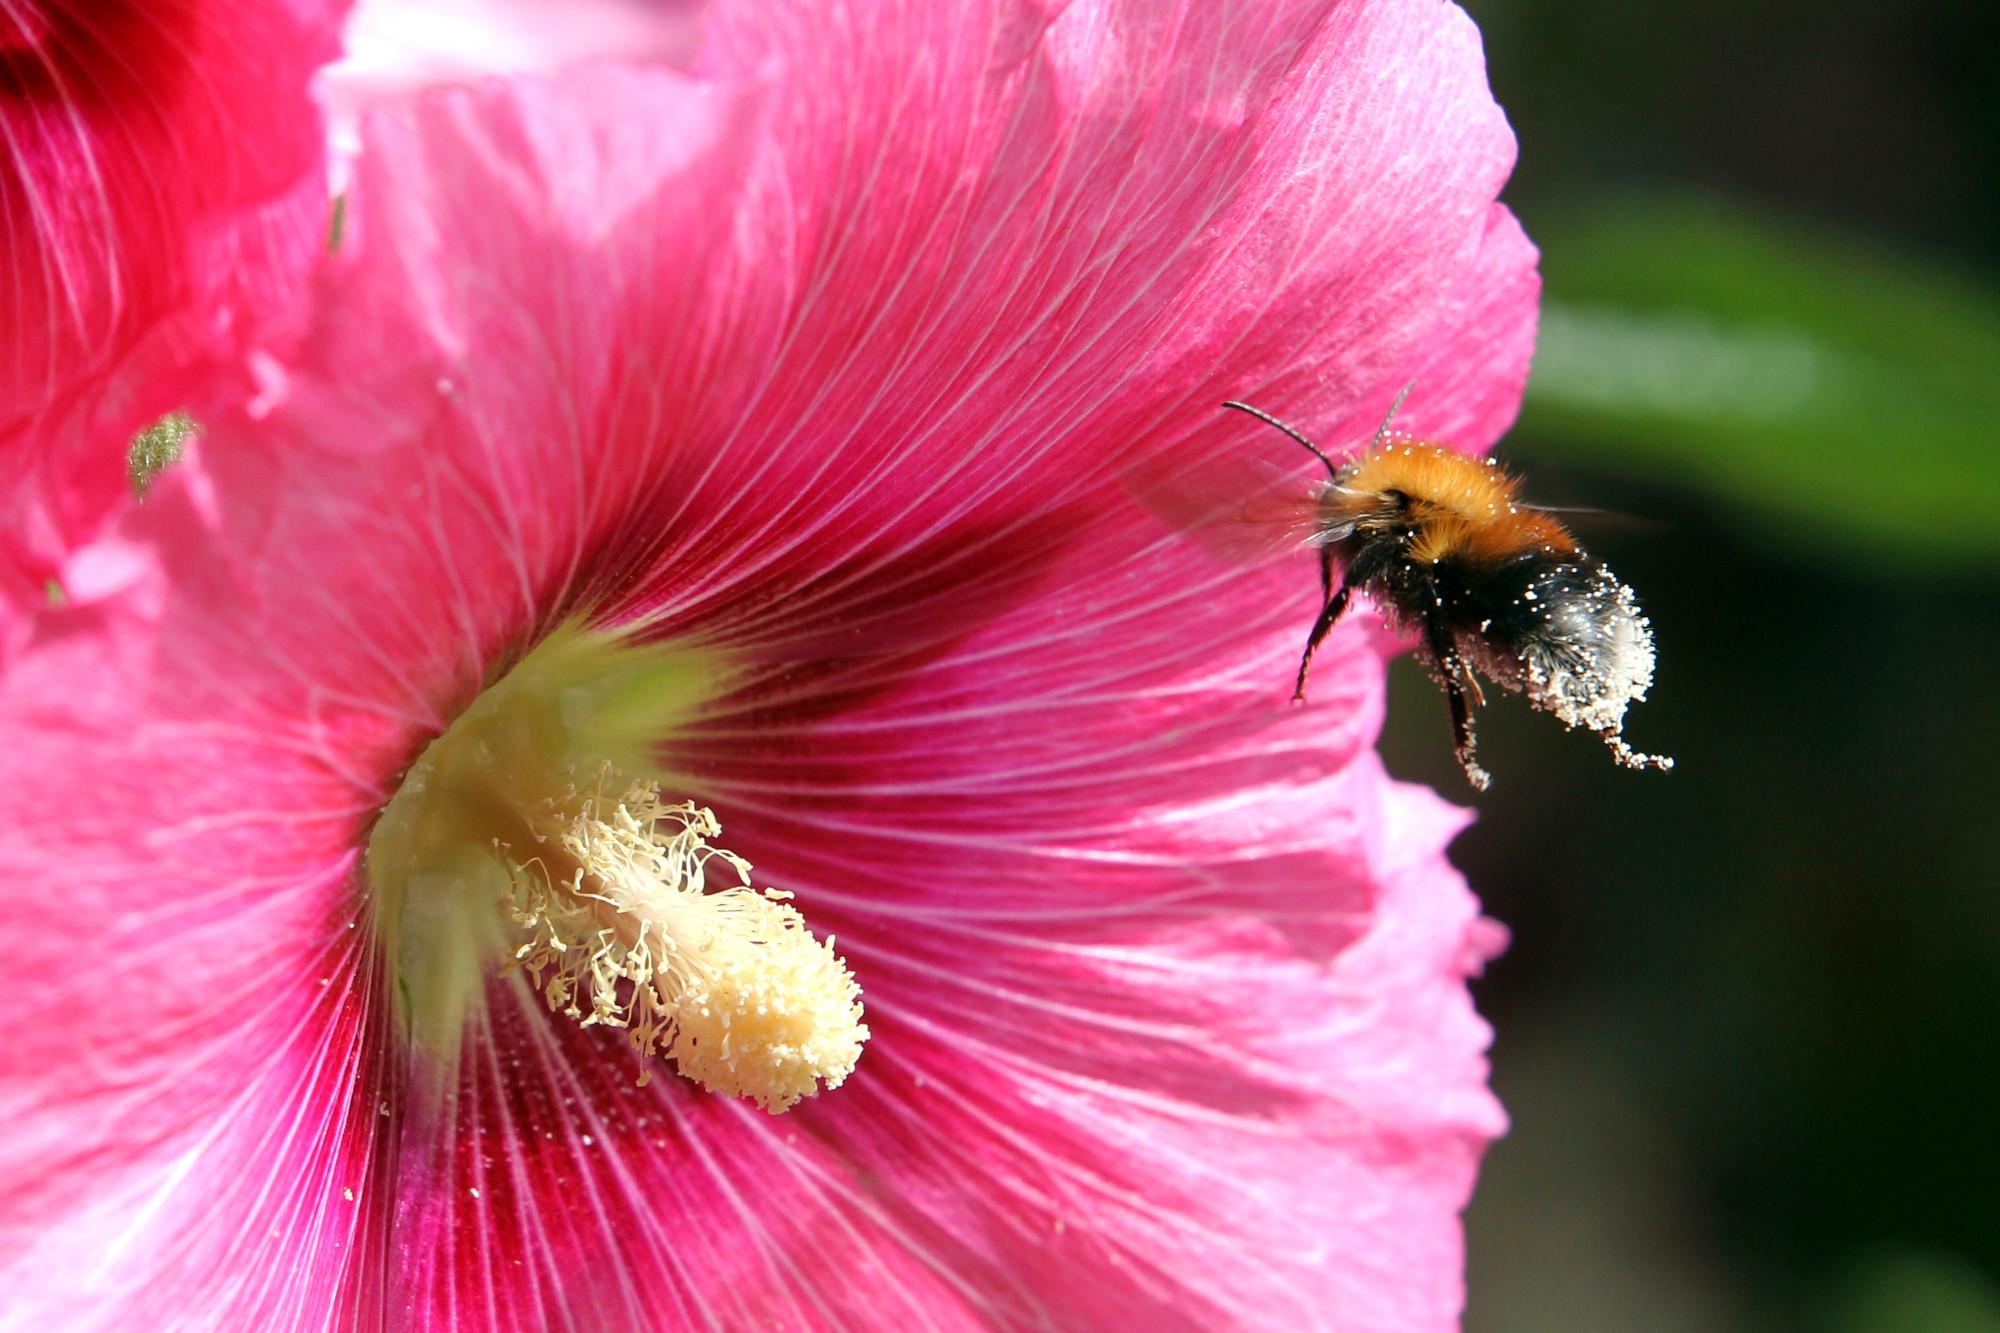 шмель, насекомое, природа, цветок, мальва